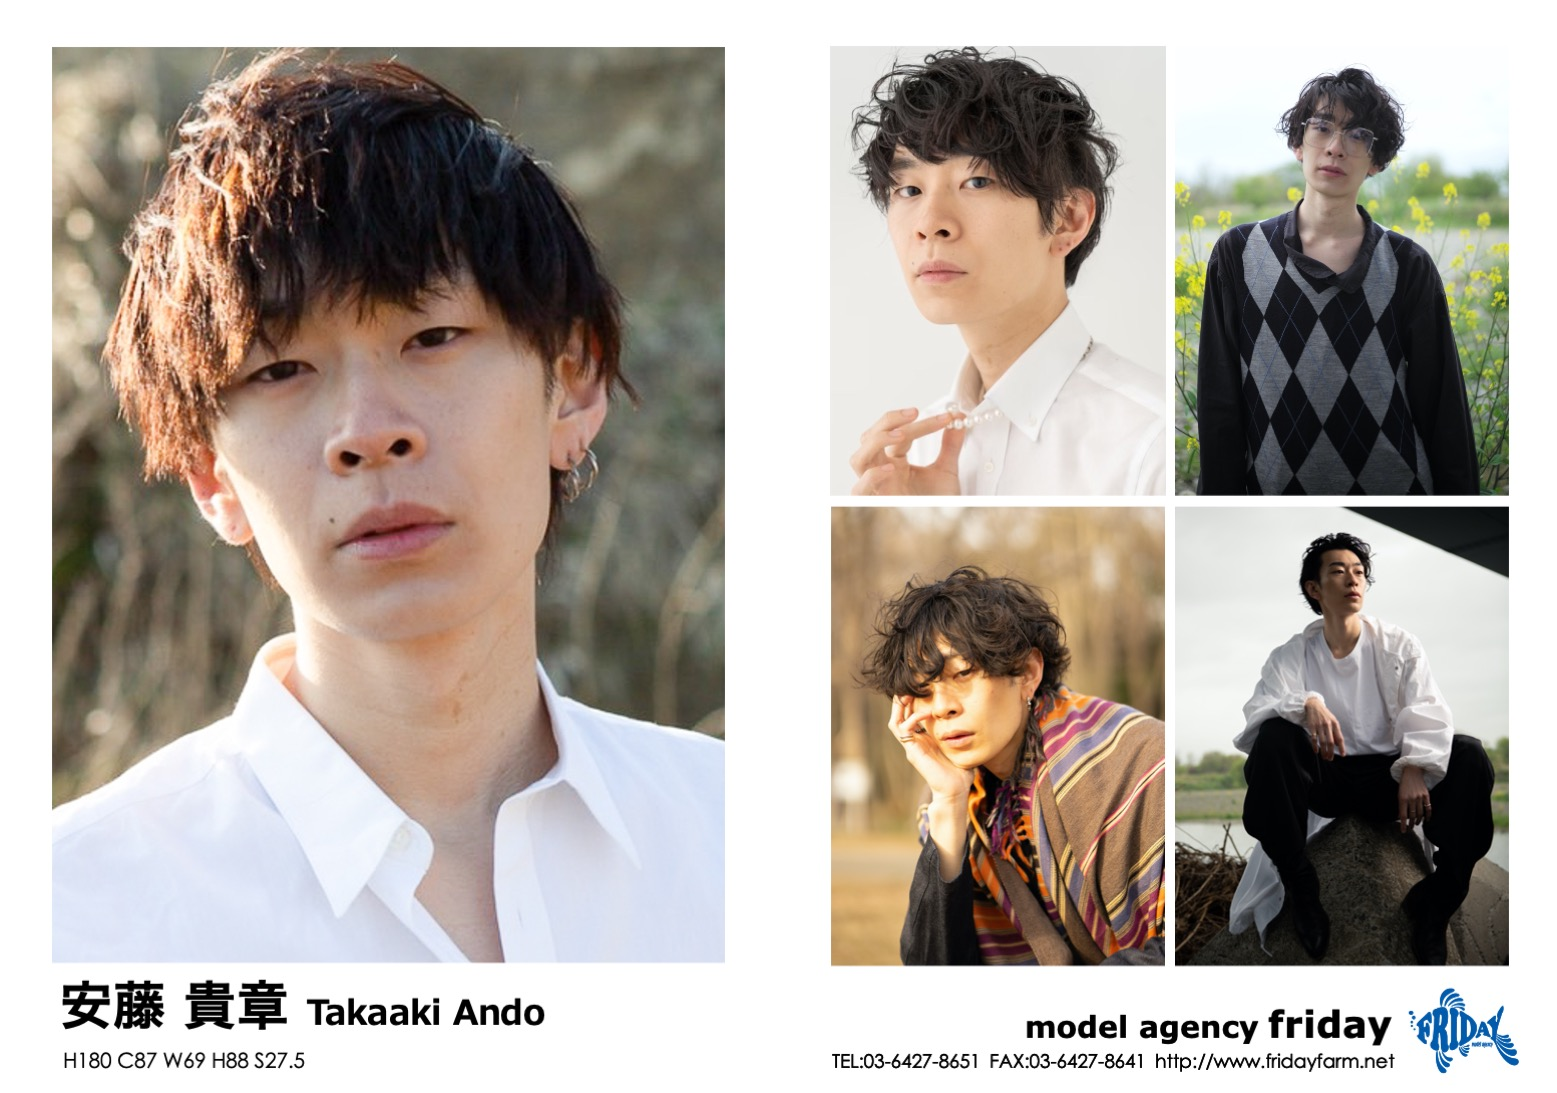 安藤 貴章 - Takaaki Ando   model agency friday